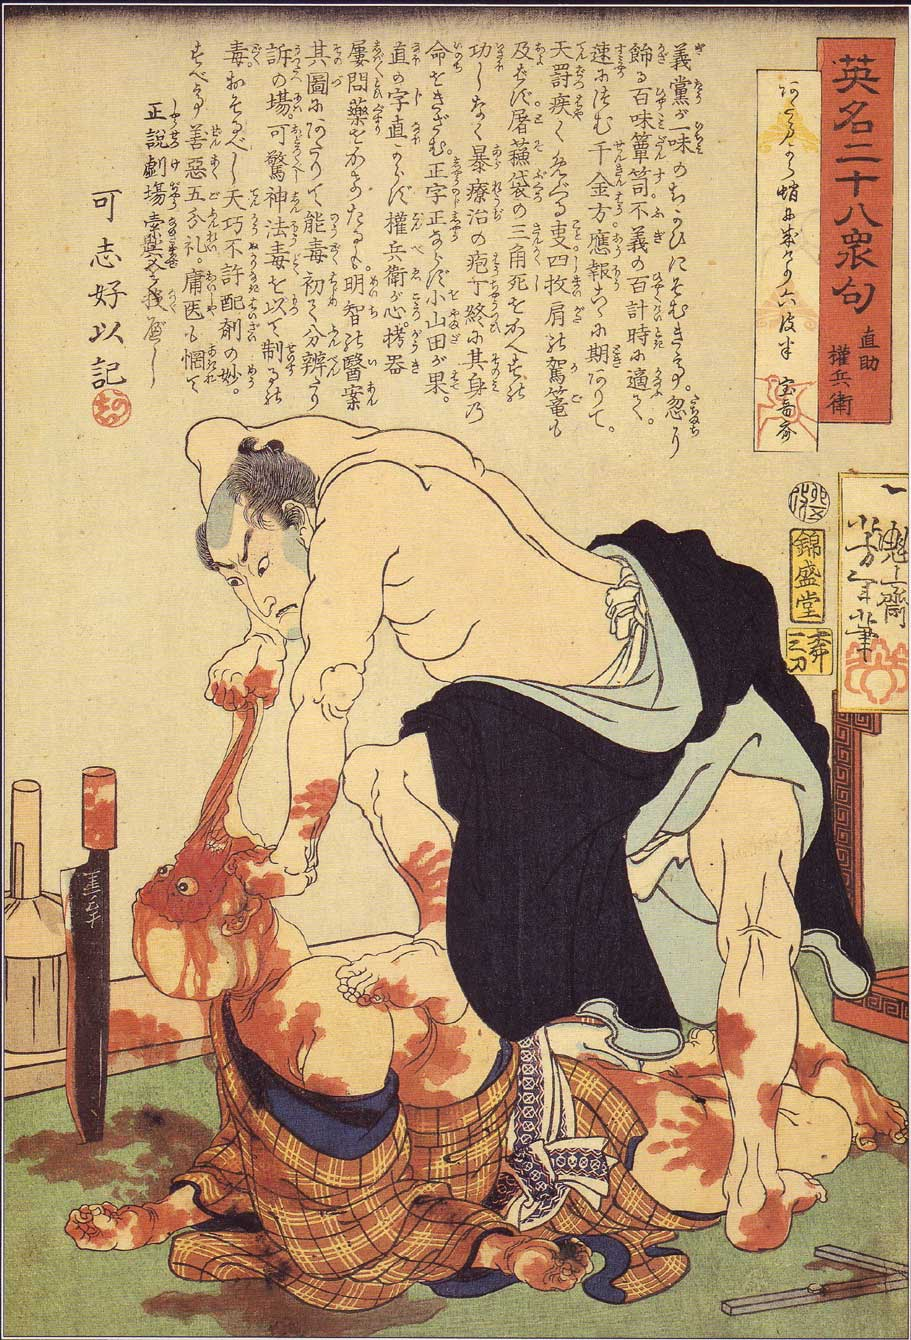 Tsukioka Yoshitoshi, Naosuke Gombei ripping off a face